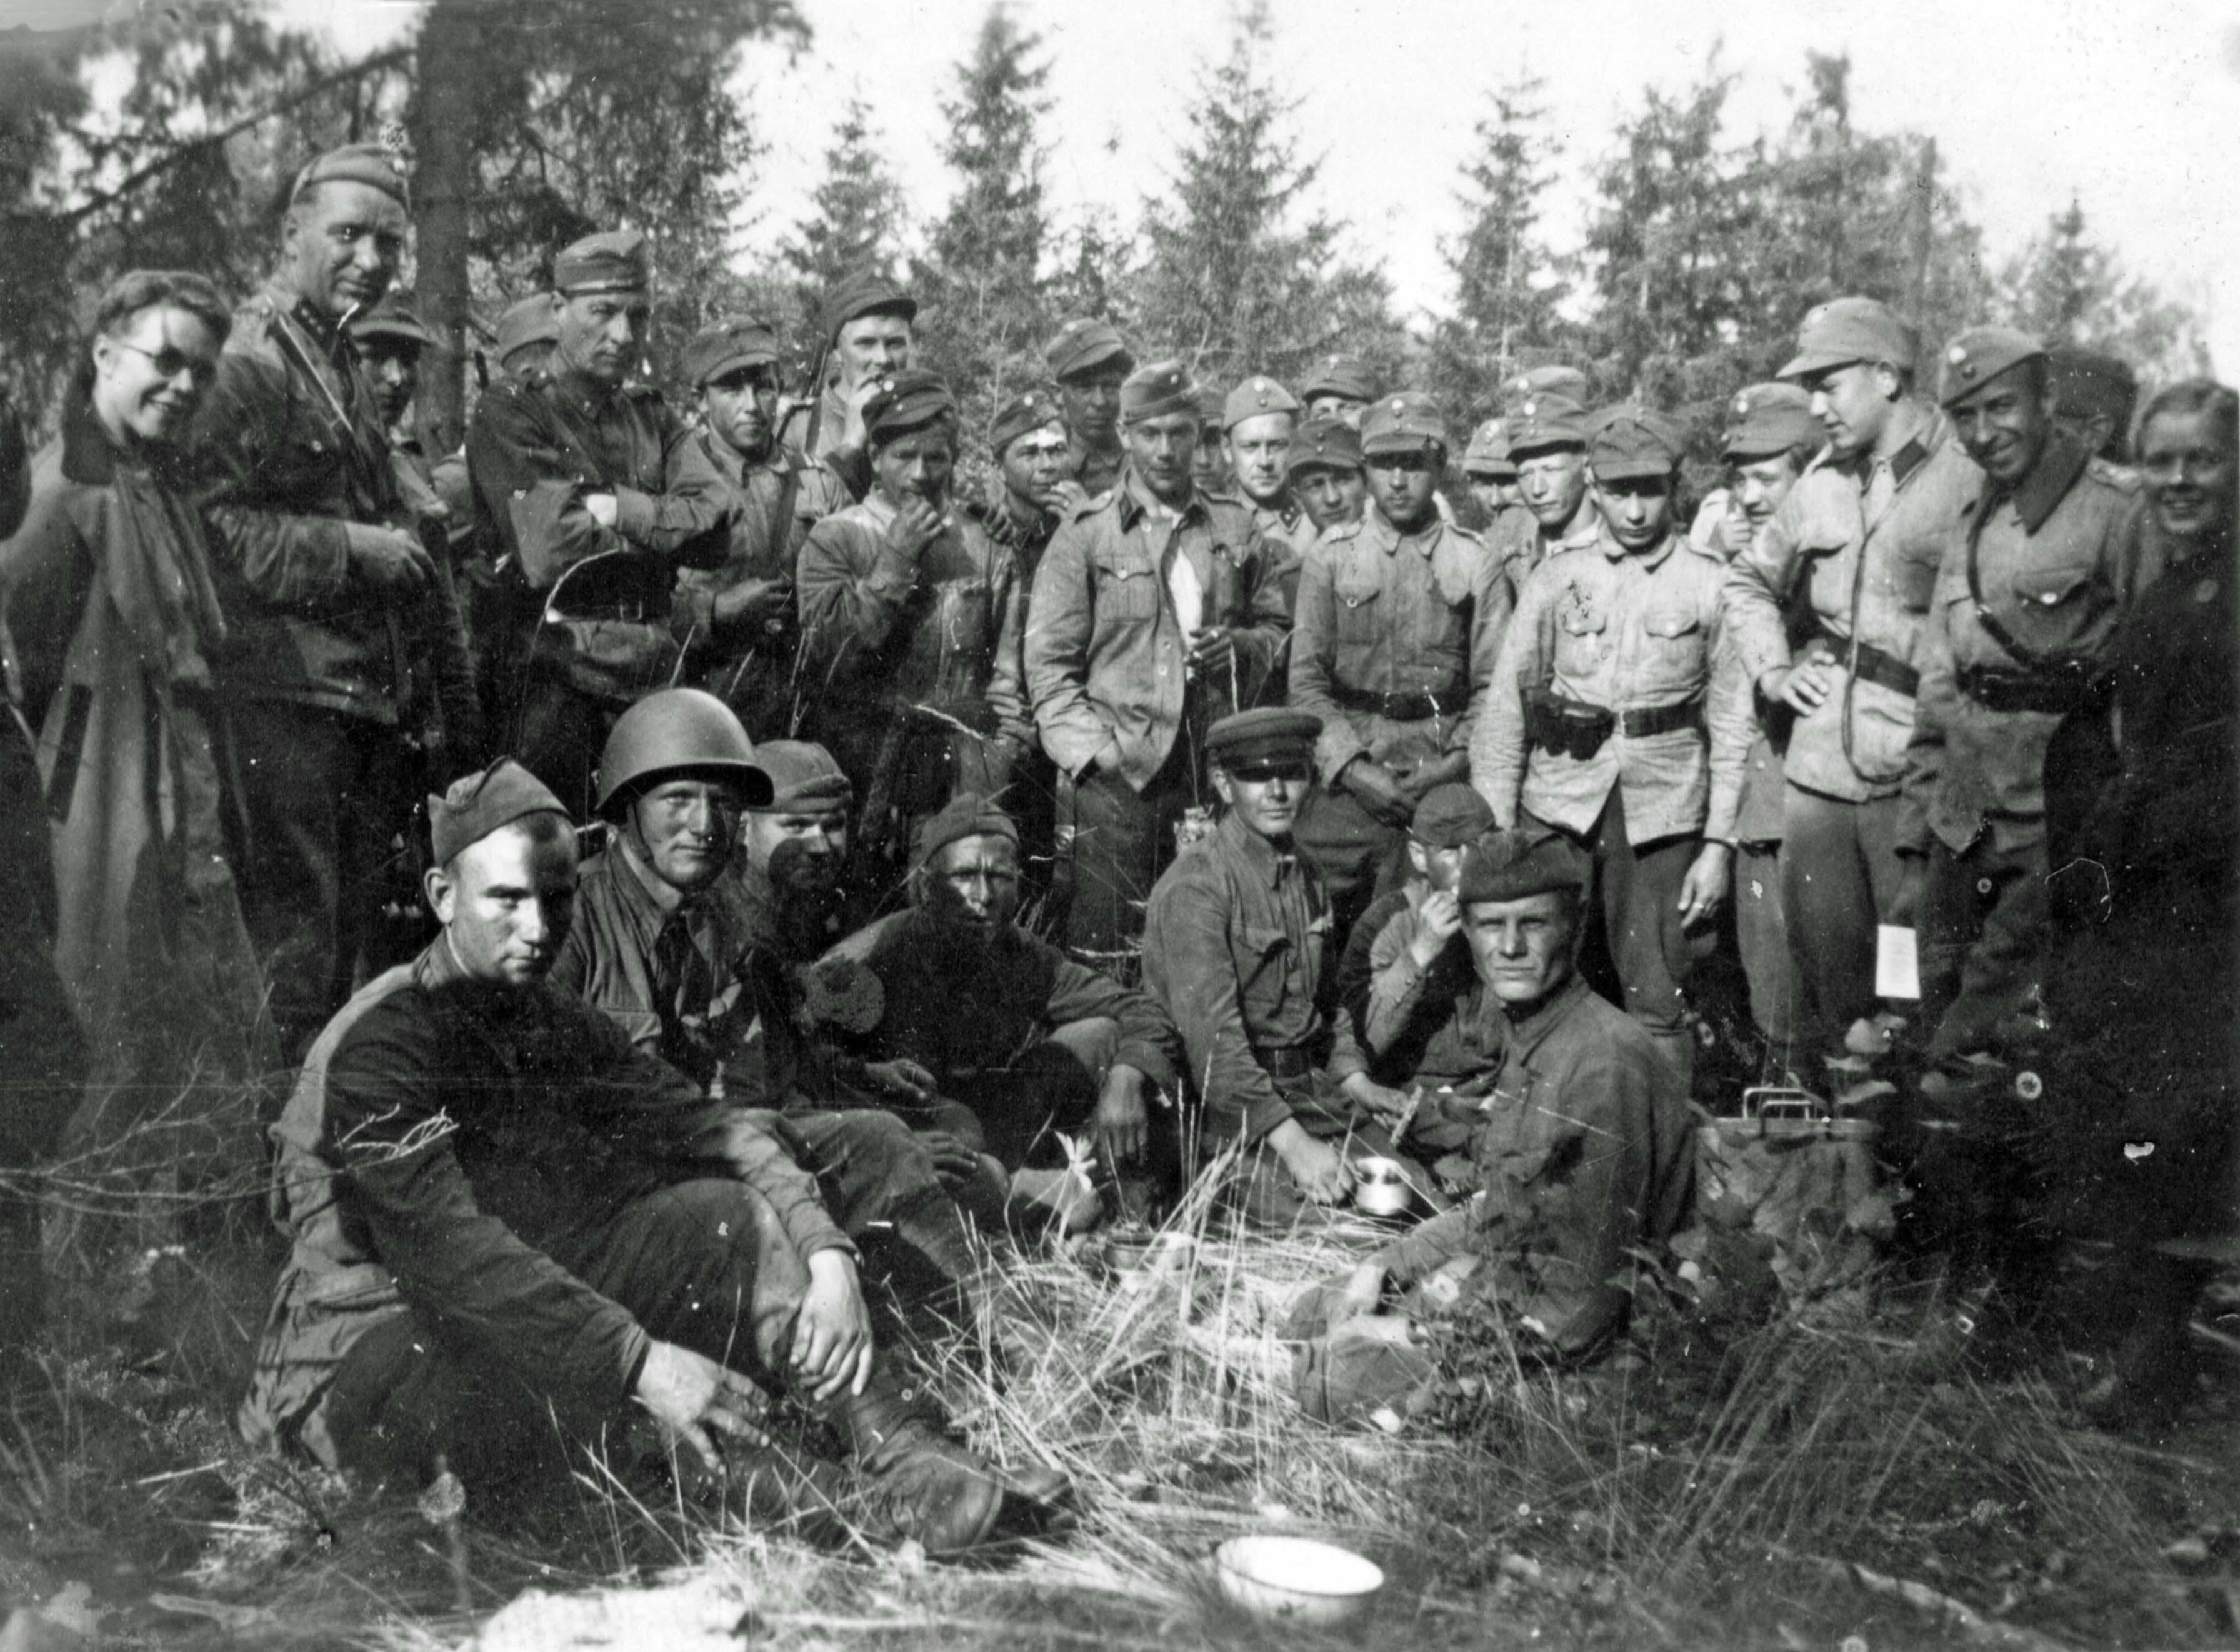 Soviet prisoners of war, Finnish soldiers